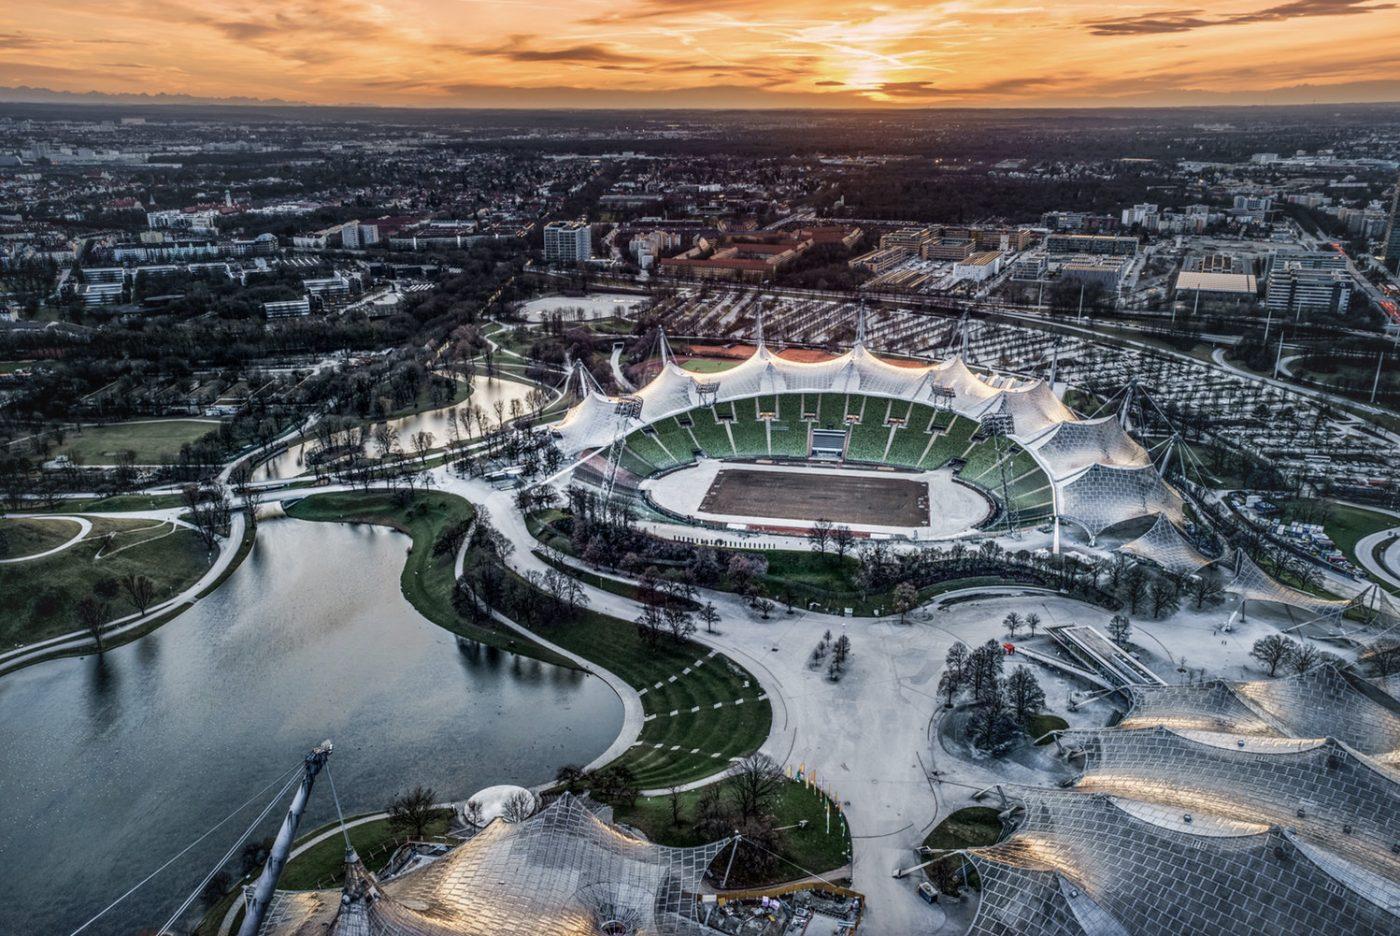 München aus der Vogelperspektive. Im Vordergrund ist das Olympiastadion zu sehen.